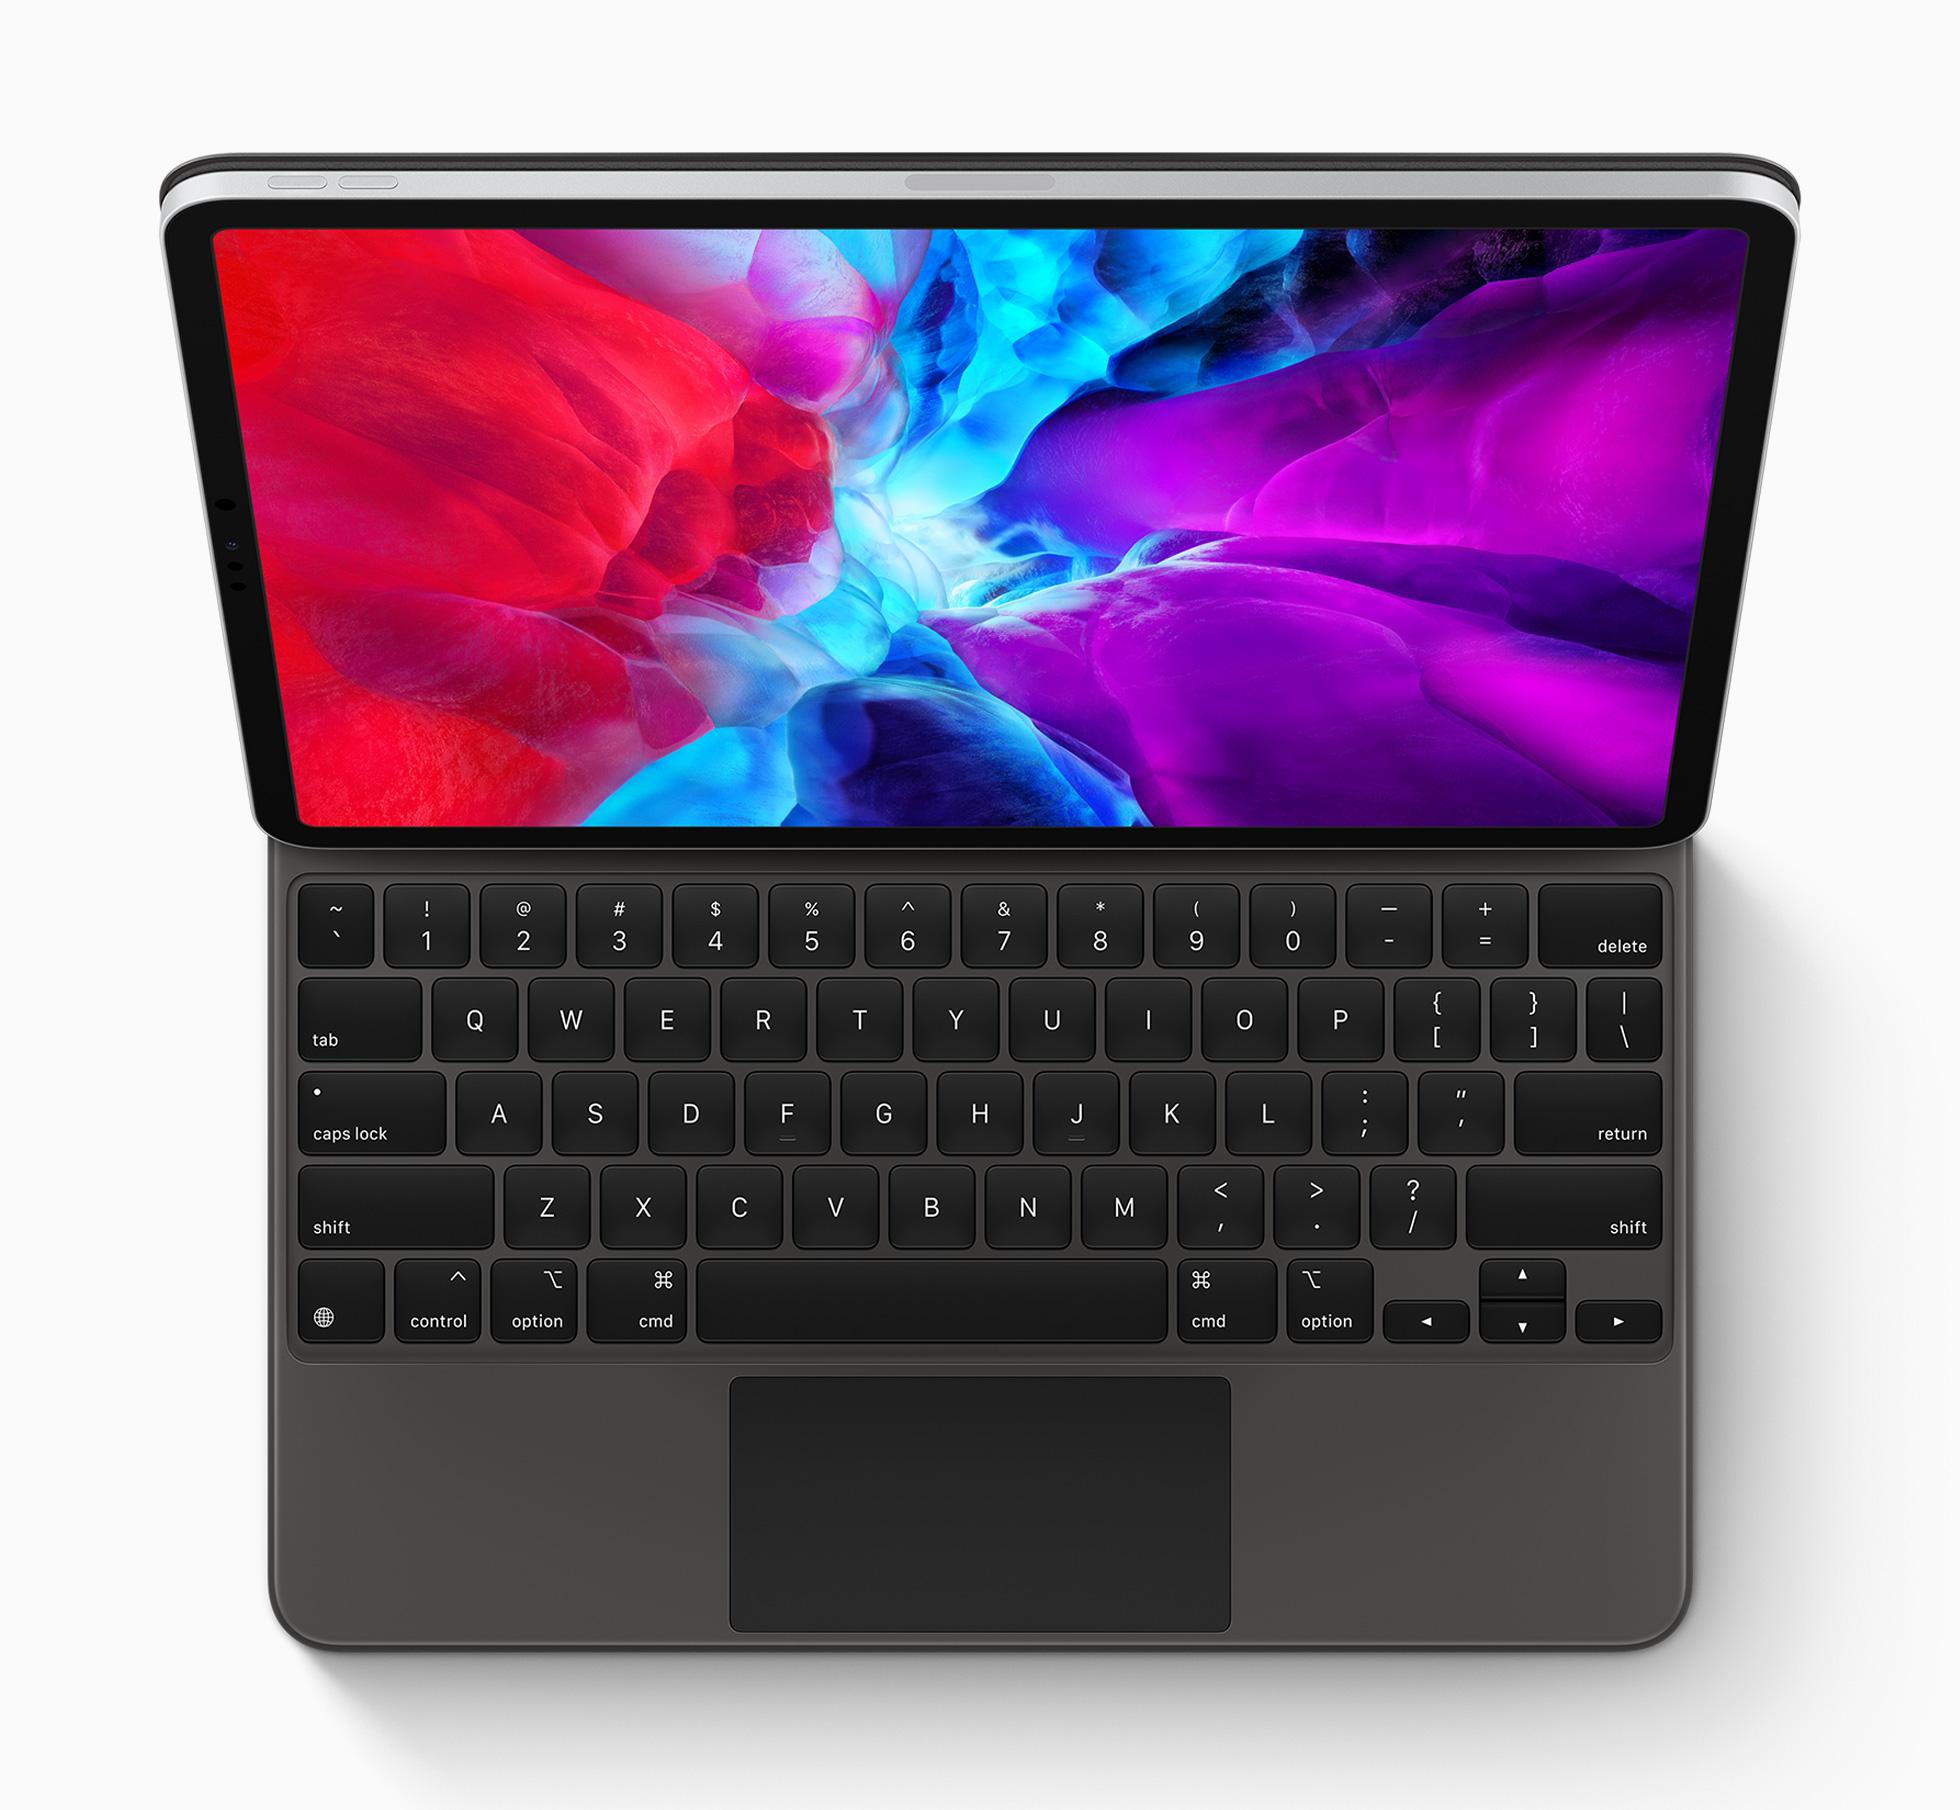 iPad Pro del año 2020 con teclado y trackpad